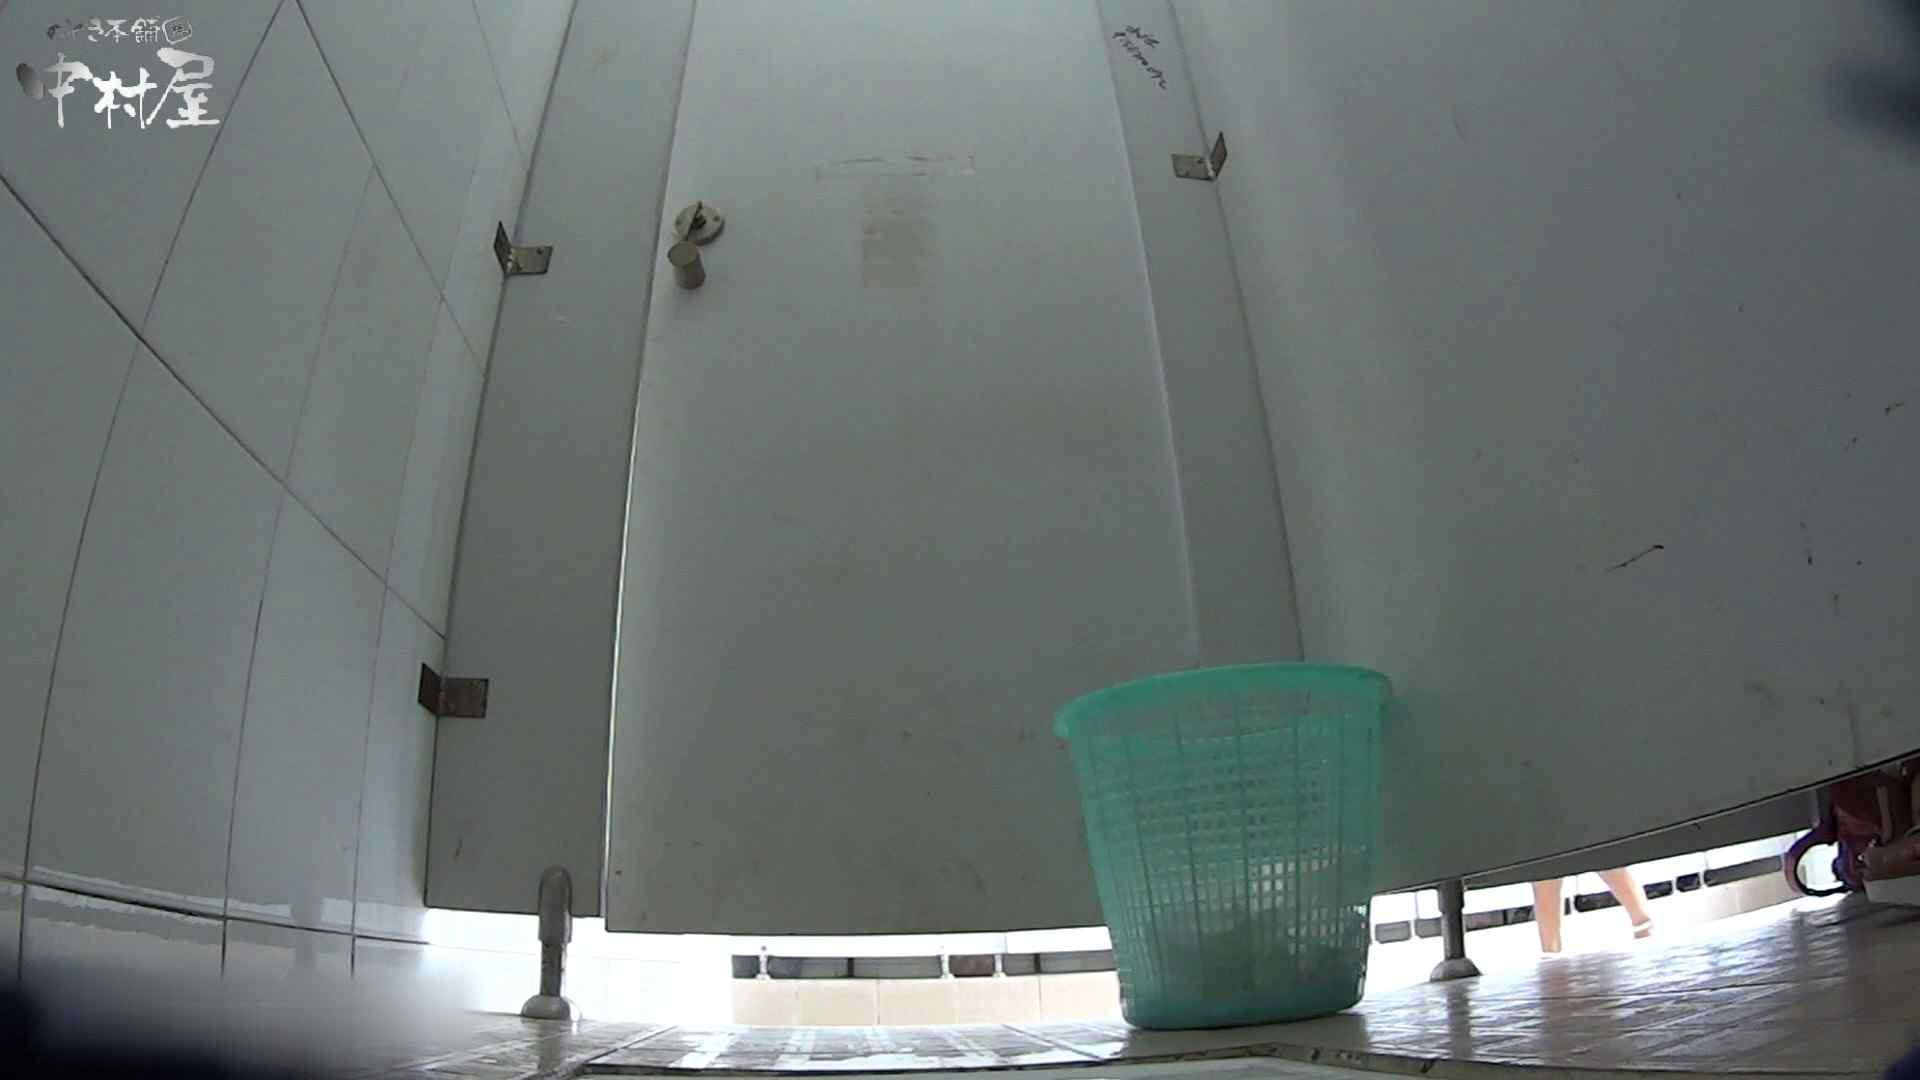 美しい女良たちのトイレ事情 有名大学休憩時間の洗面所事情06 高画質  101Pix 55